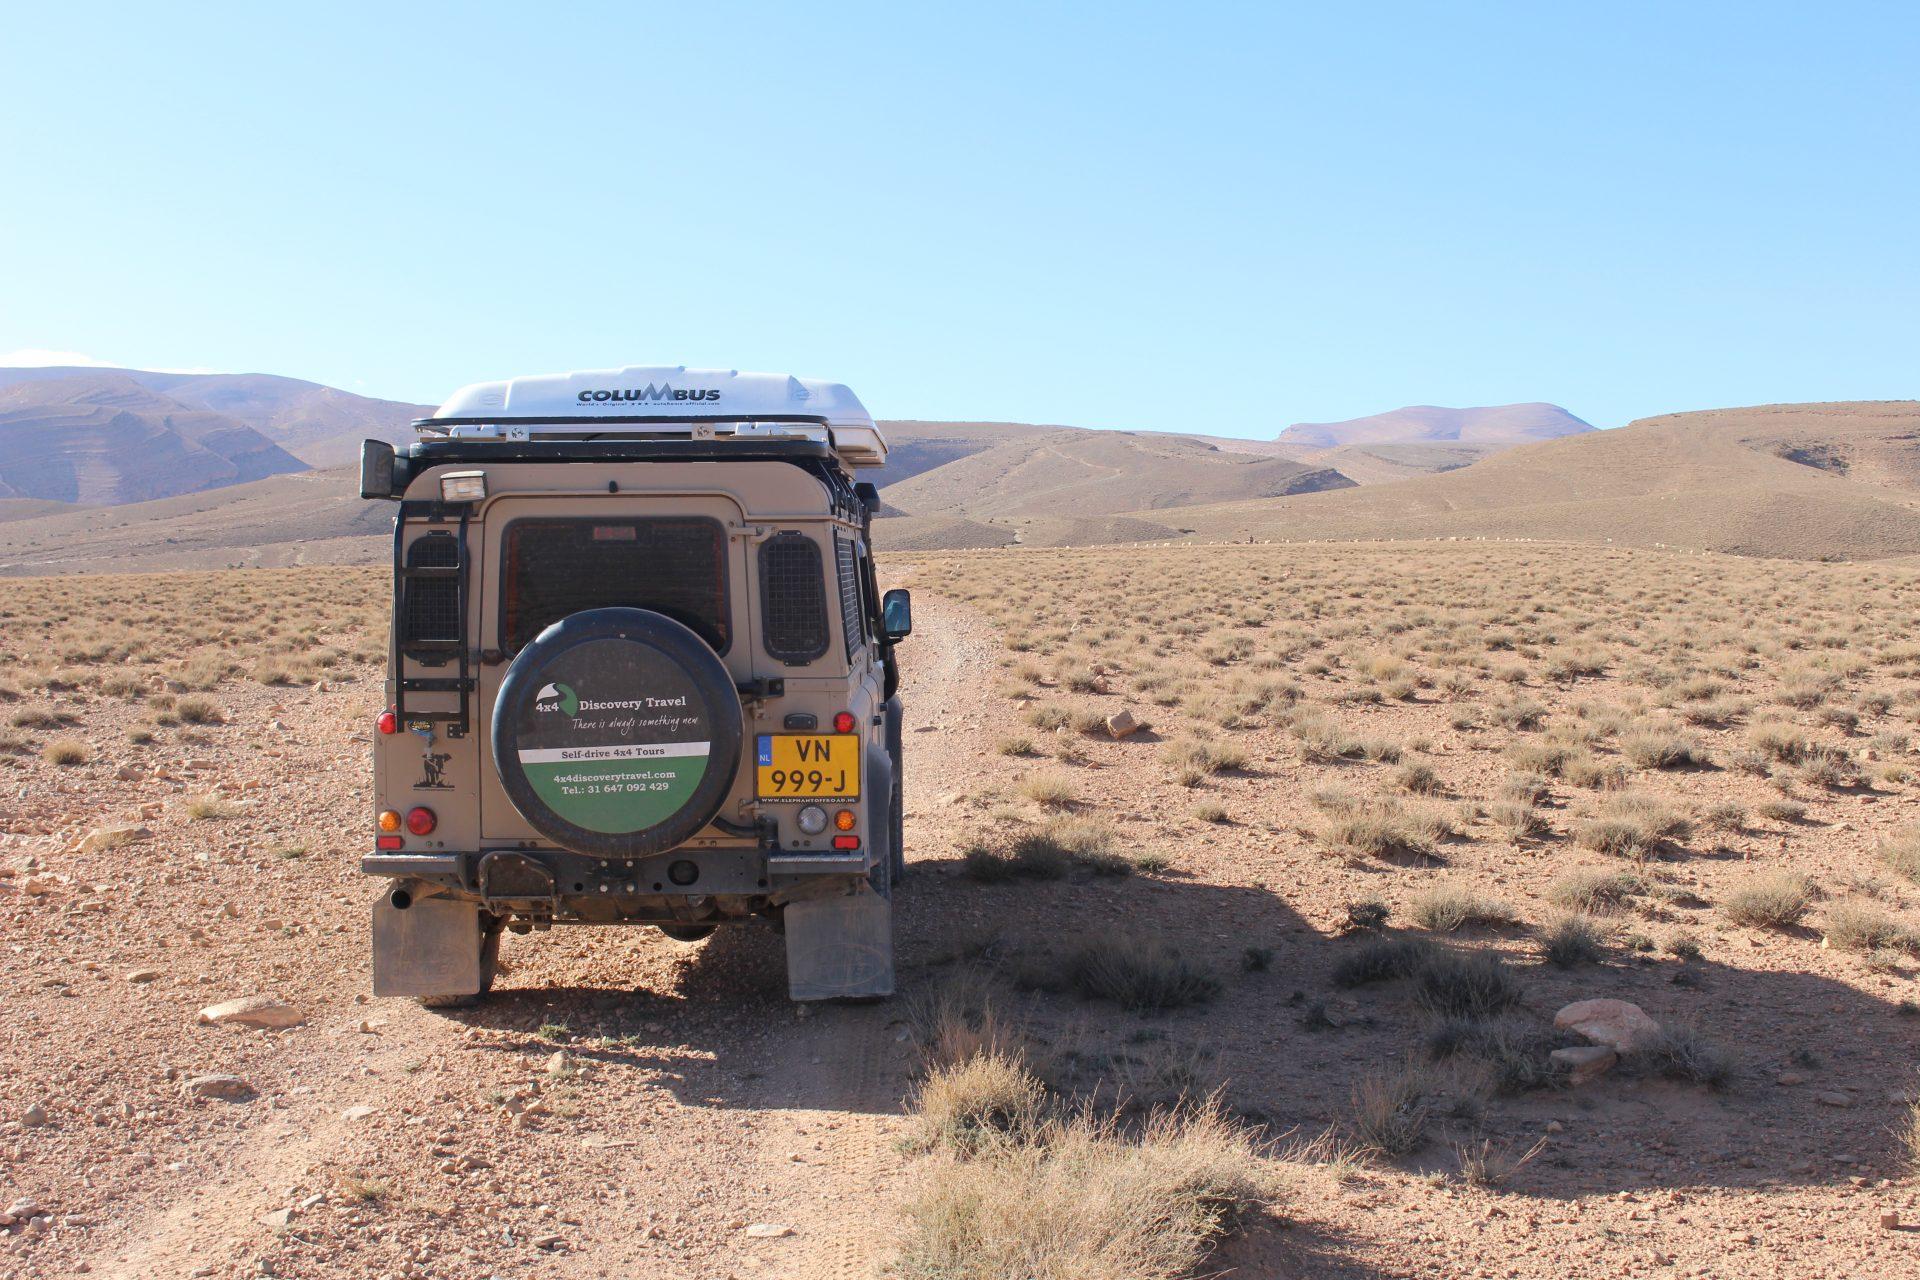 marokko 4x4 discovery Land rover